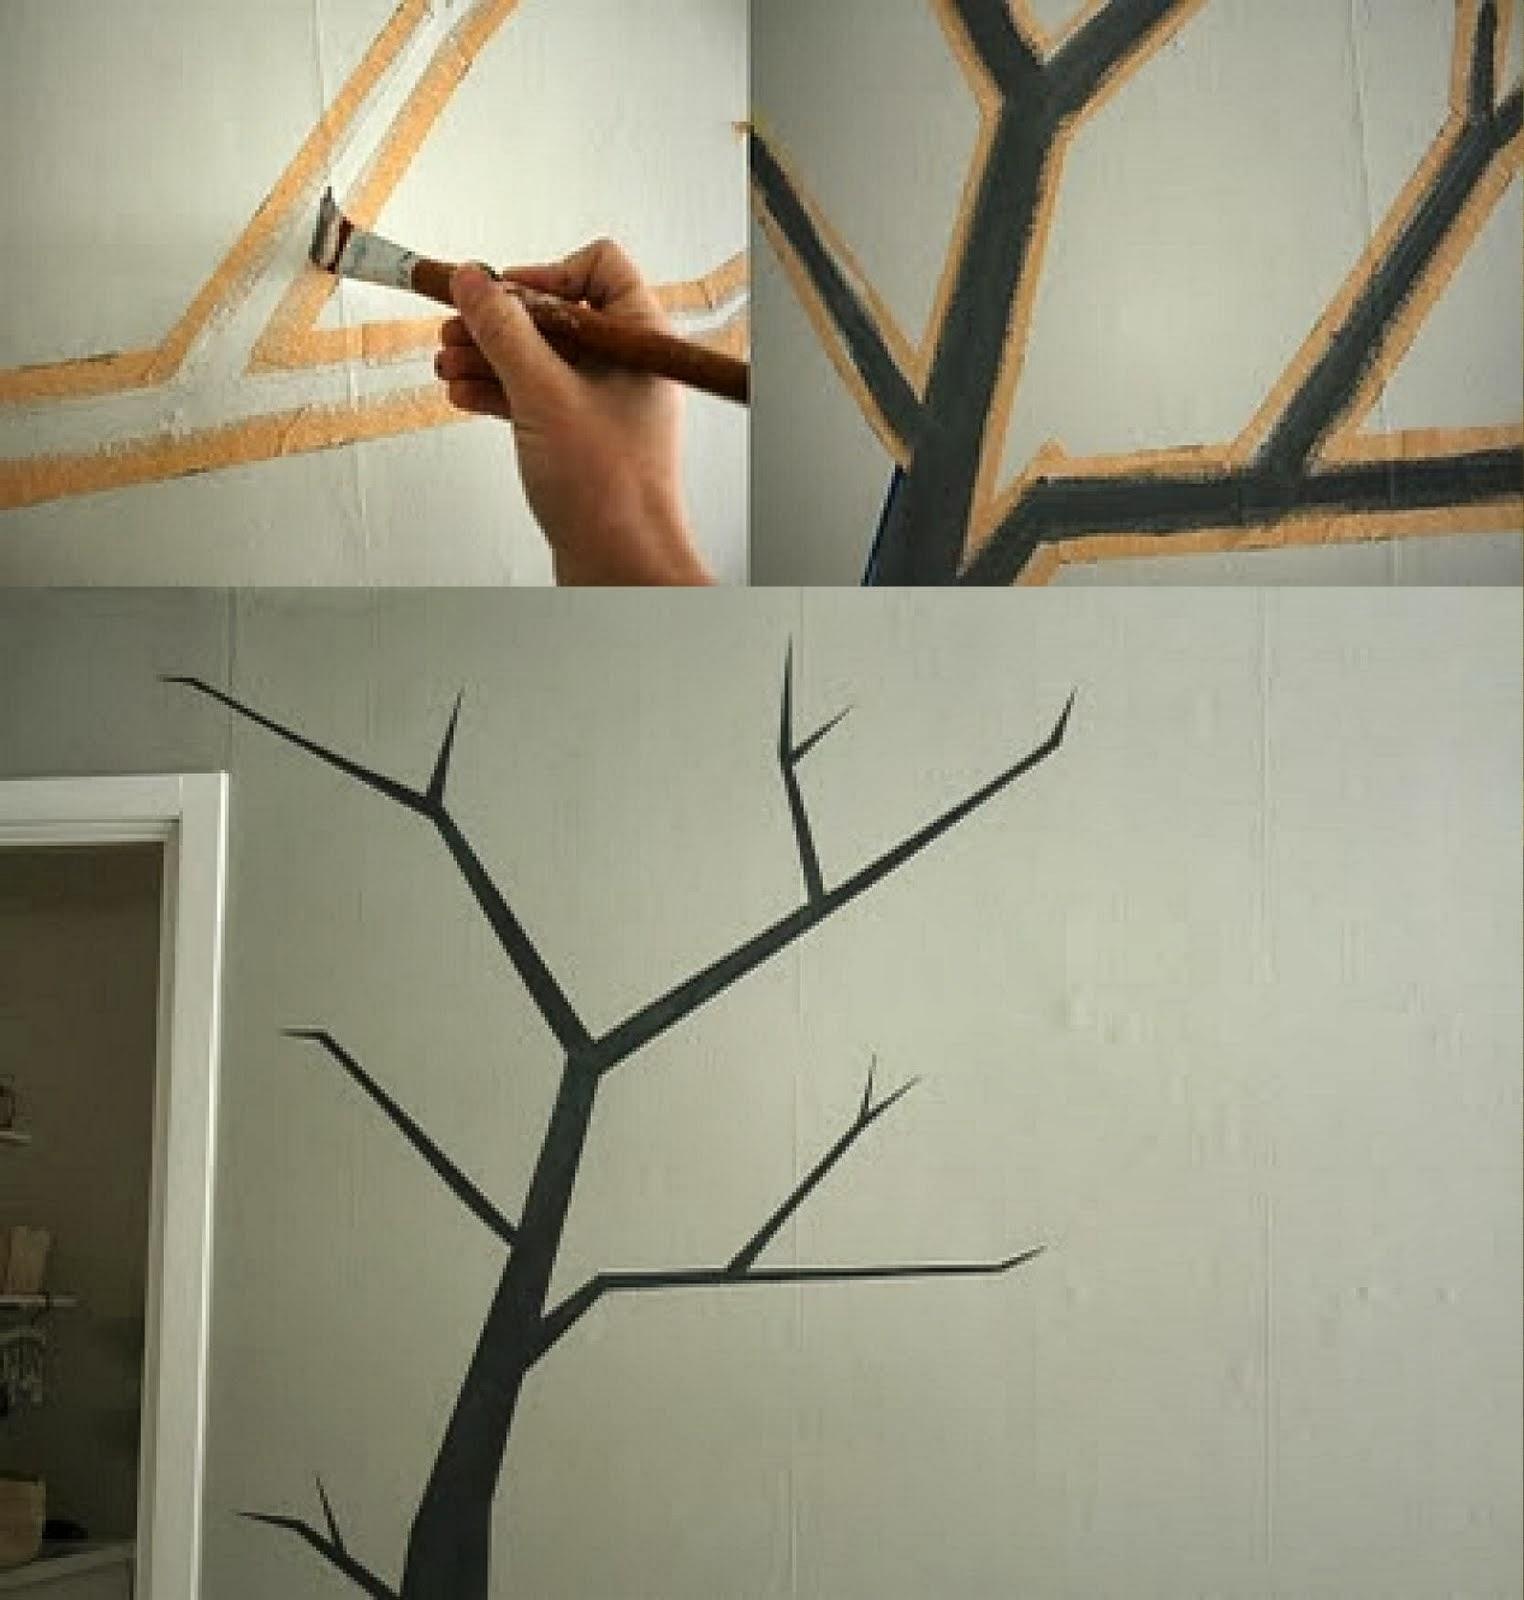 Escuela de manualidades bezaleel manual de manualidades for Como pintar un mural infantil